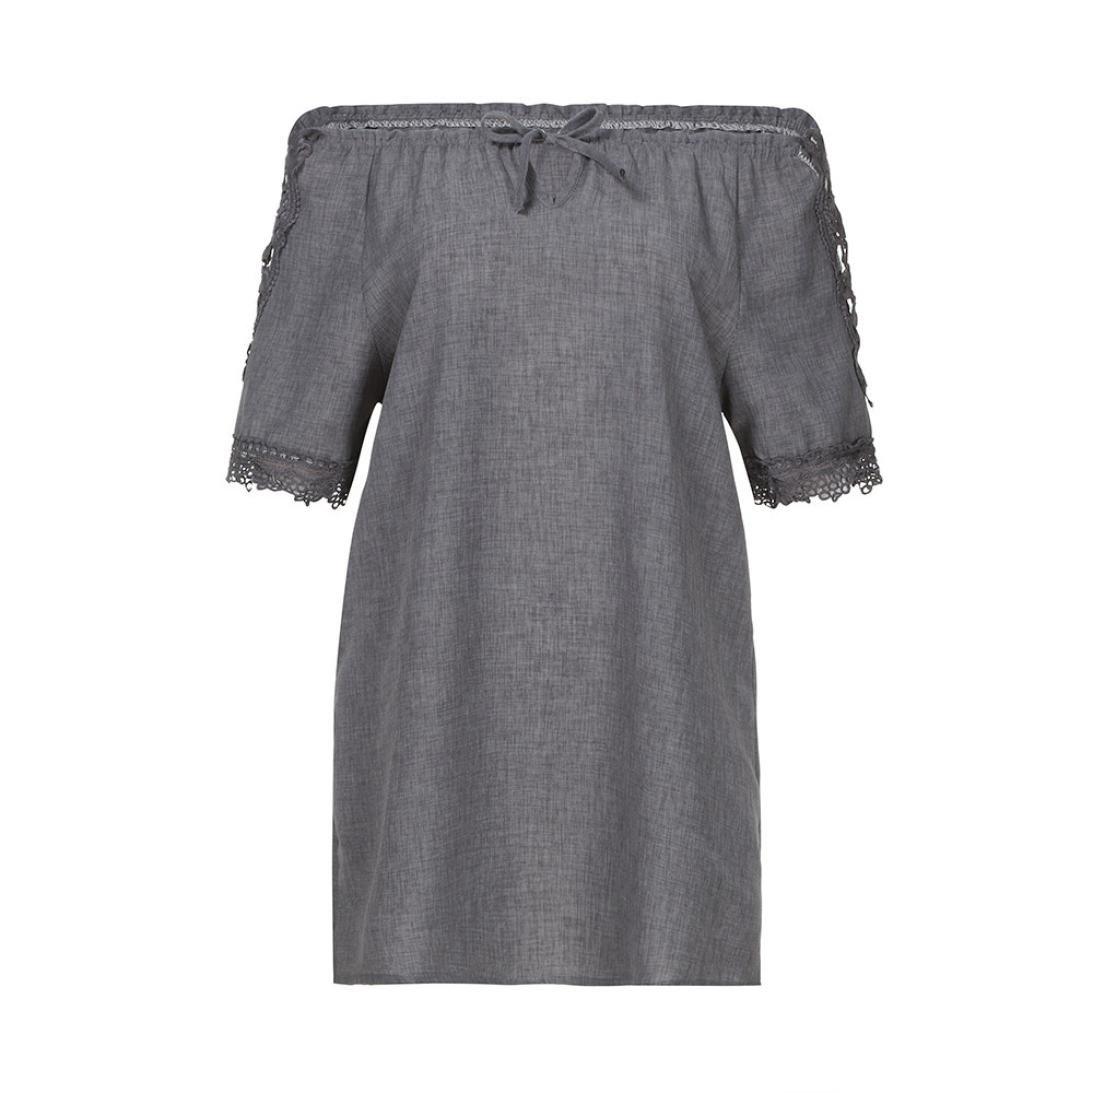 ... Blusas Para Mujer, Las Mujeres de Manga Corta de Encaje Patchwork Camisetas Blusa Suelta Tops Camisa (2XL, Gris Oscuro): Amazon.es: Ropa y accesorios